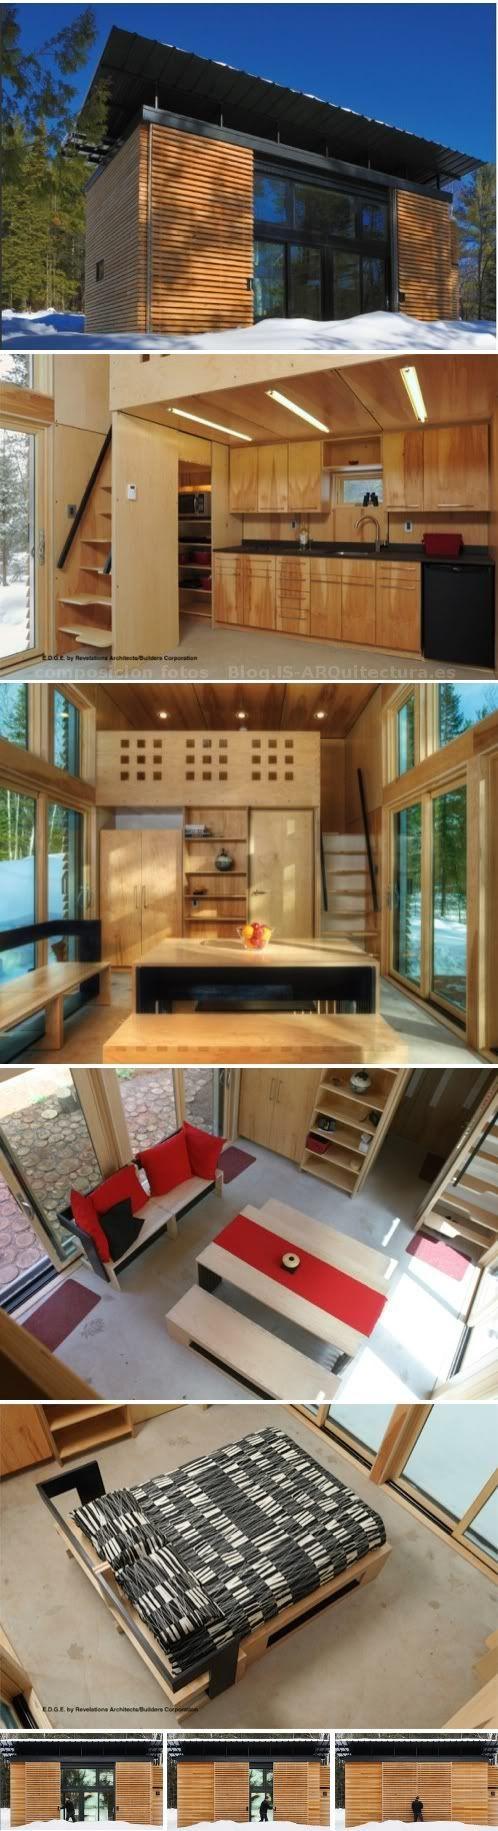 Pequeña casa de madera con triple acristalamiento, celosías deslizantes en fachada, y con numerosas características sostenibles pasivas y activas. 2 altillos.